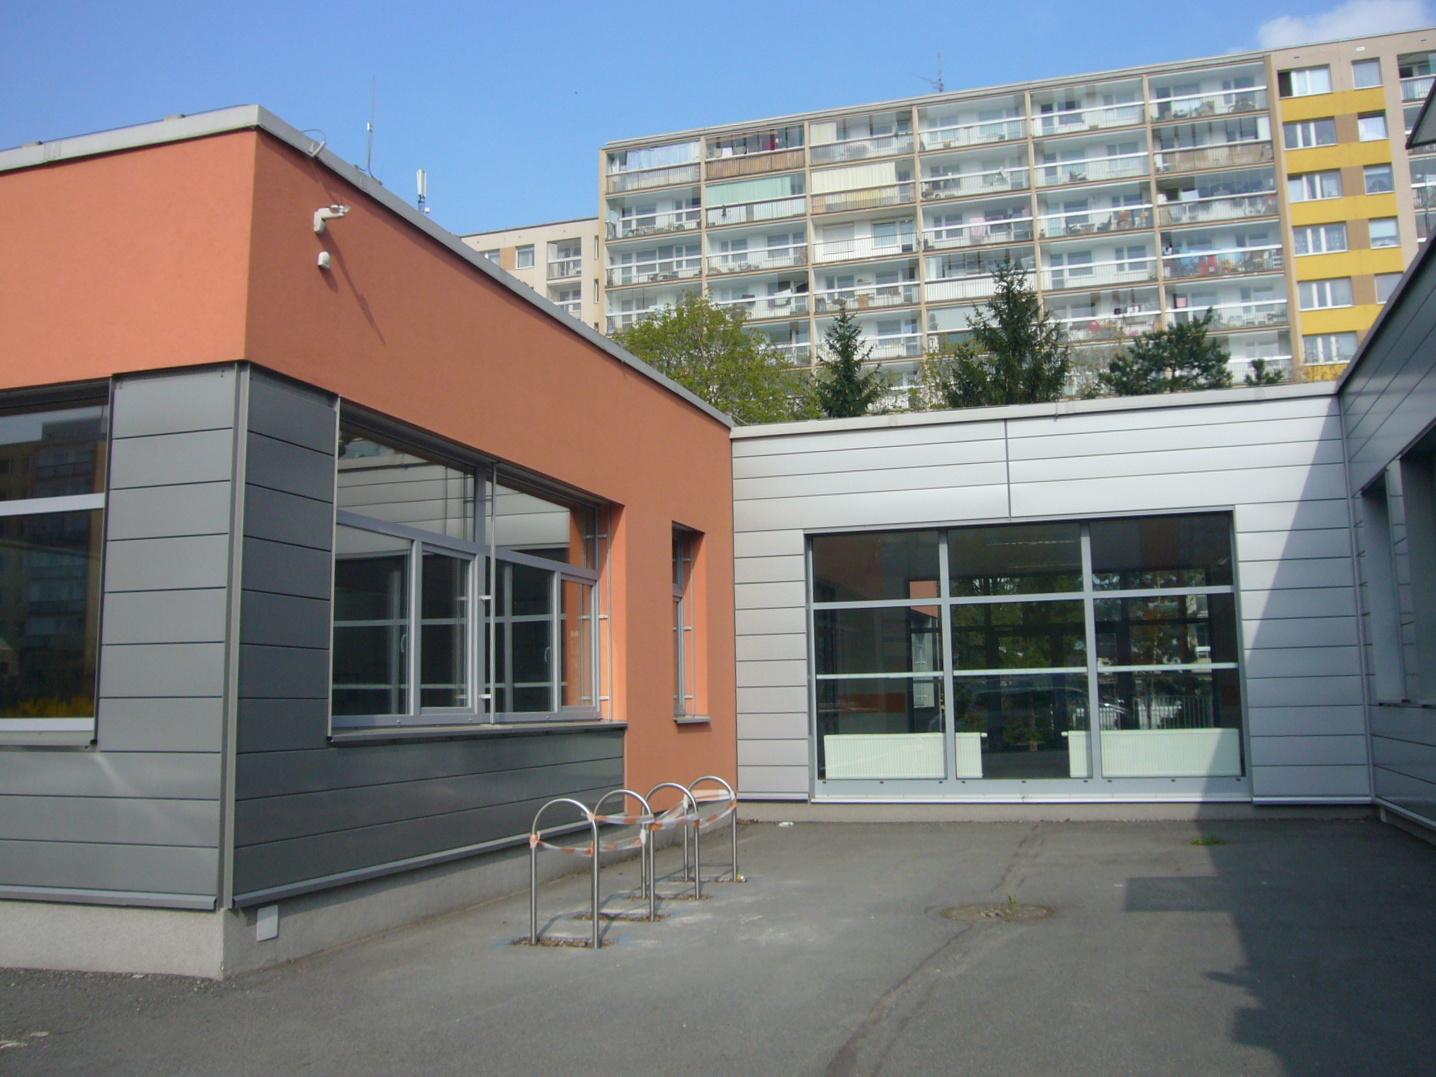 II 21 ZŠ Mendelova 550, obrázek se otevře v novém okně